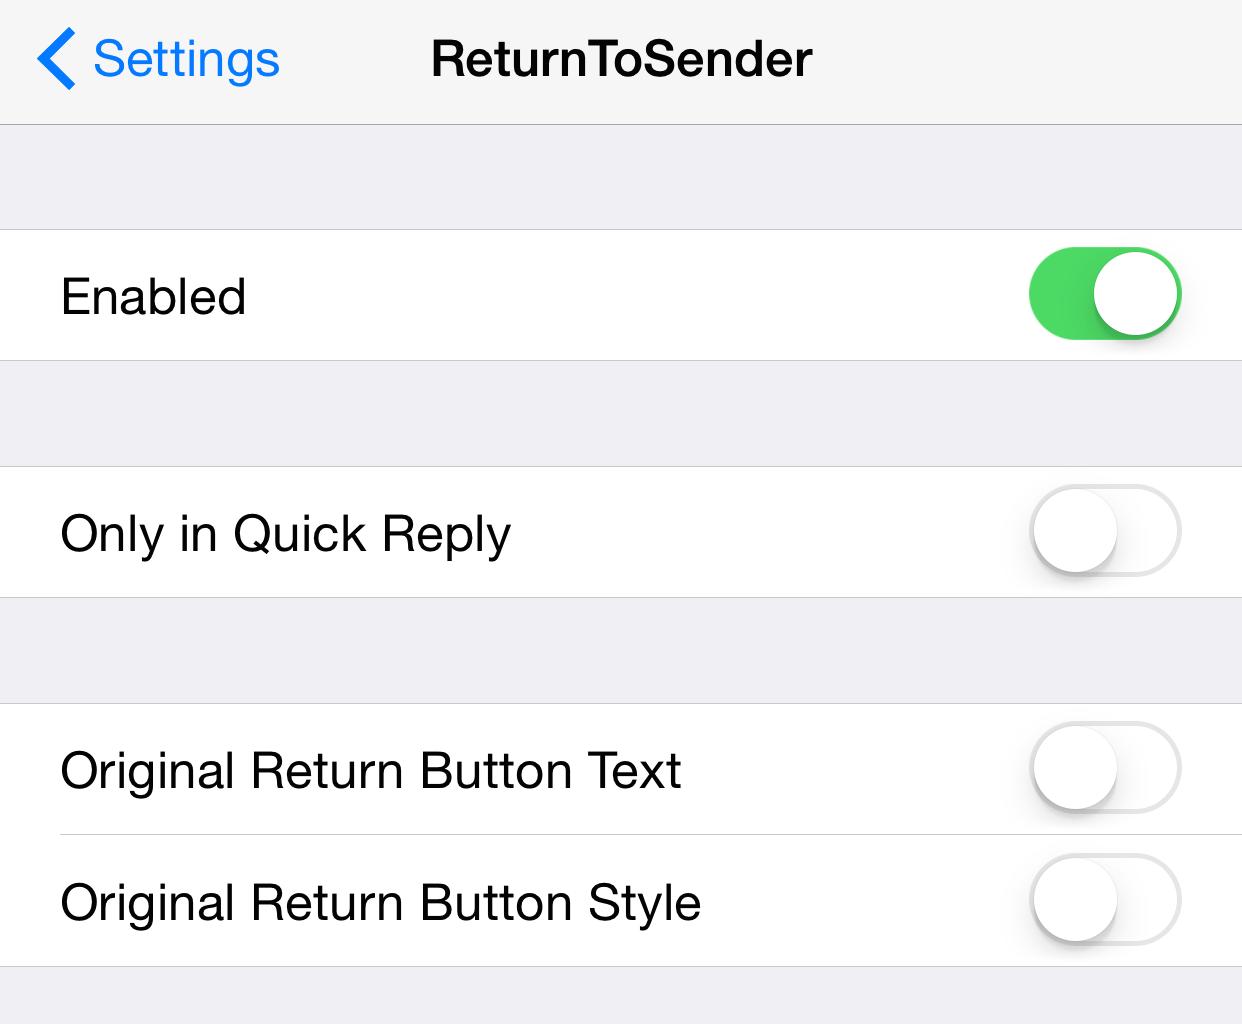 ReturnToSender Preferences